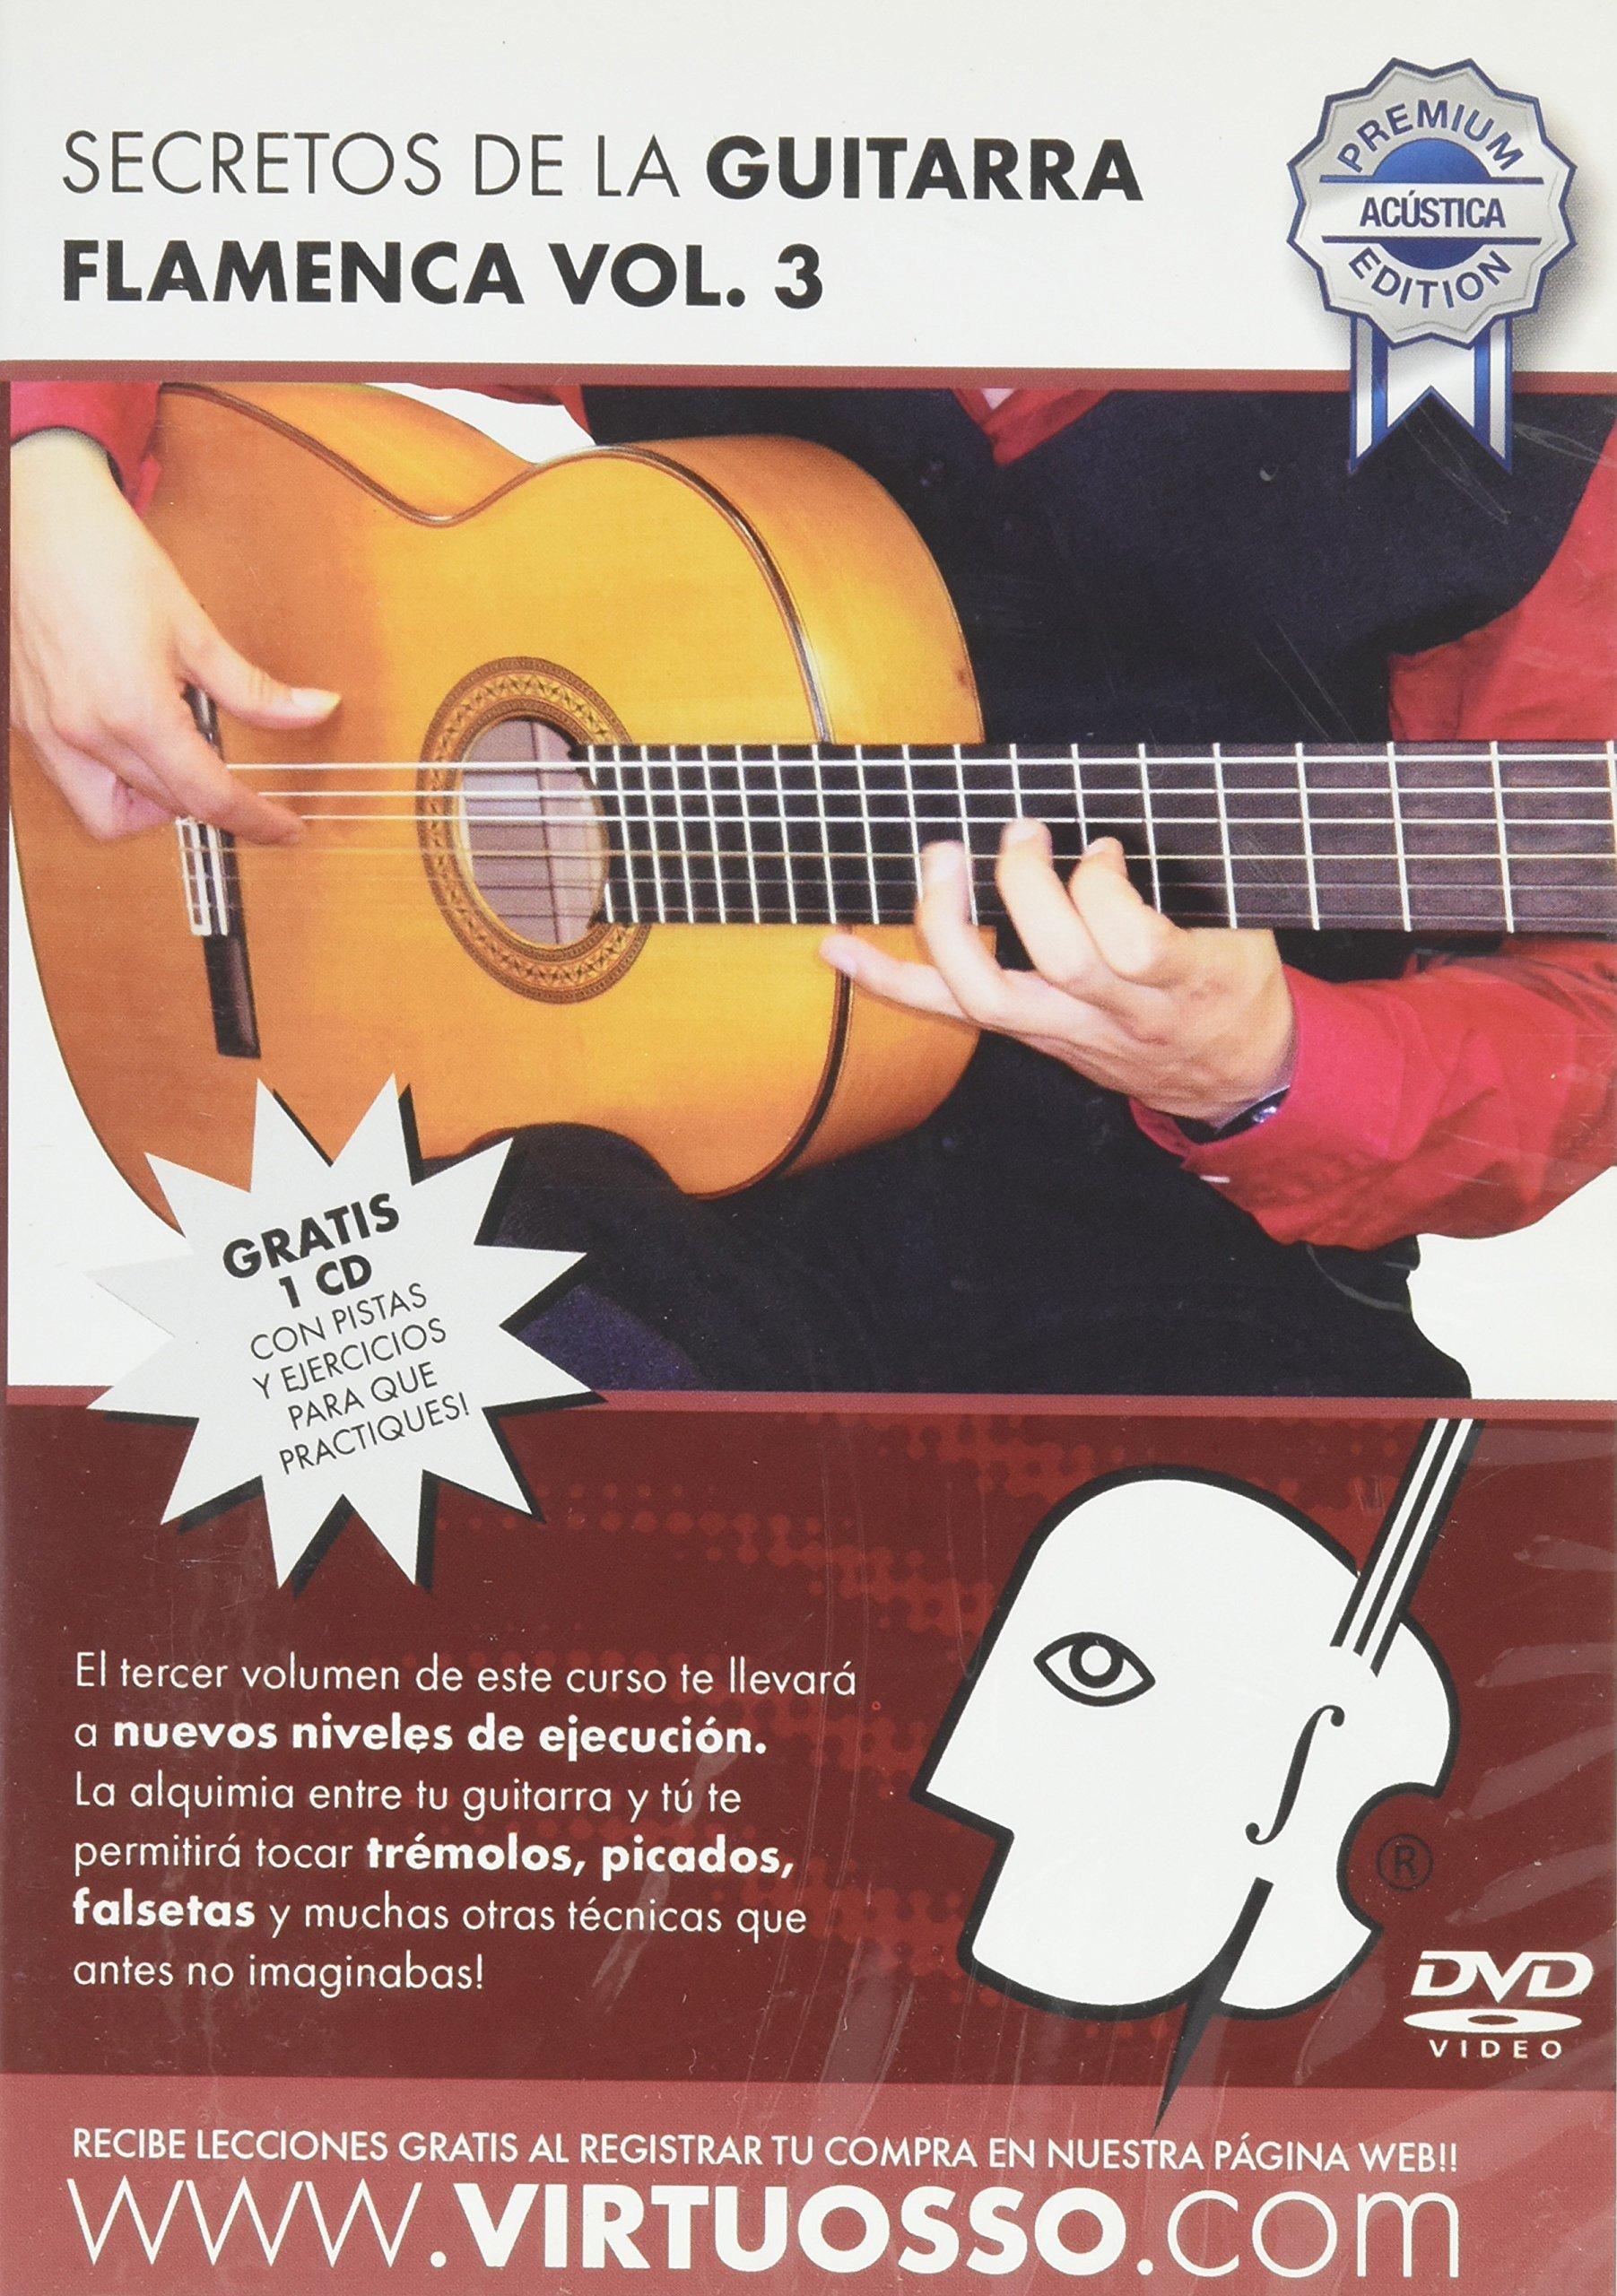 Virtuosso Flamenco Guitar Method Vol.3 (Curso De Guitarra Flamenca Vol.3) SPANISH ONLY